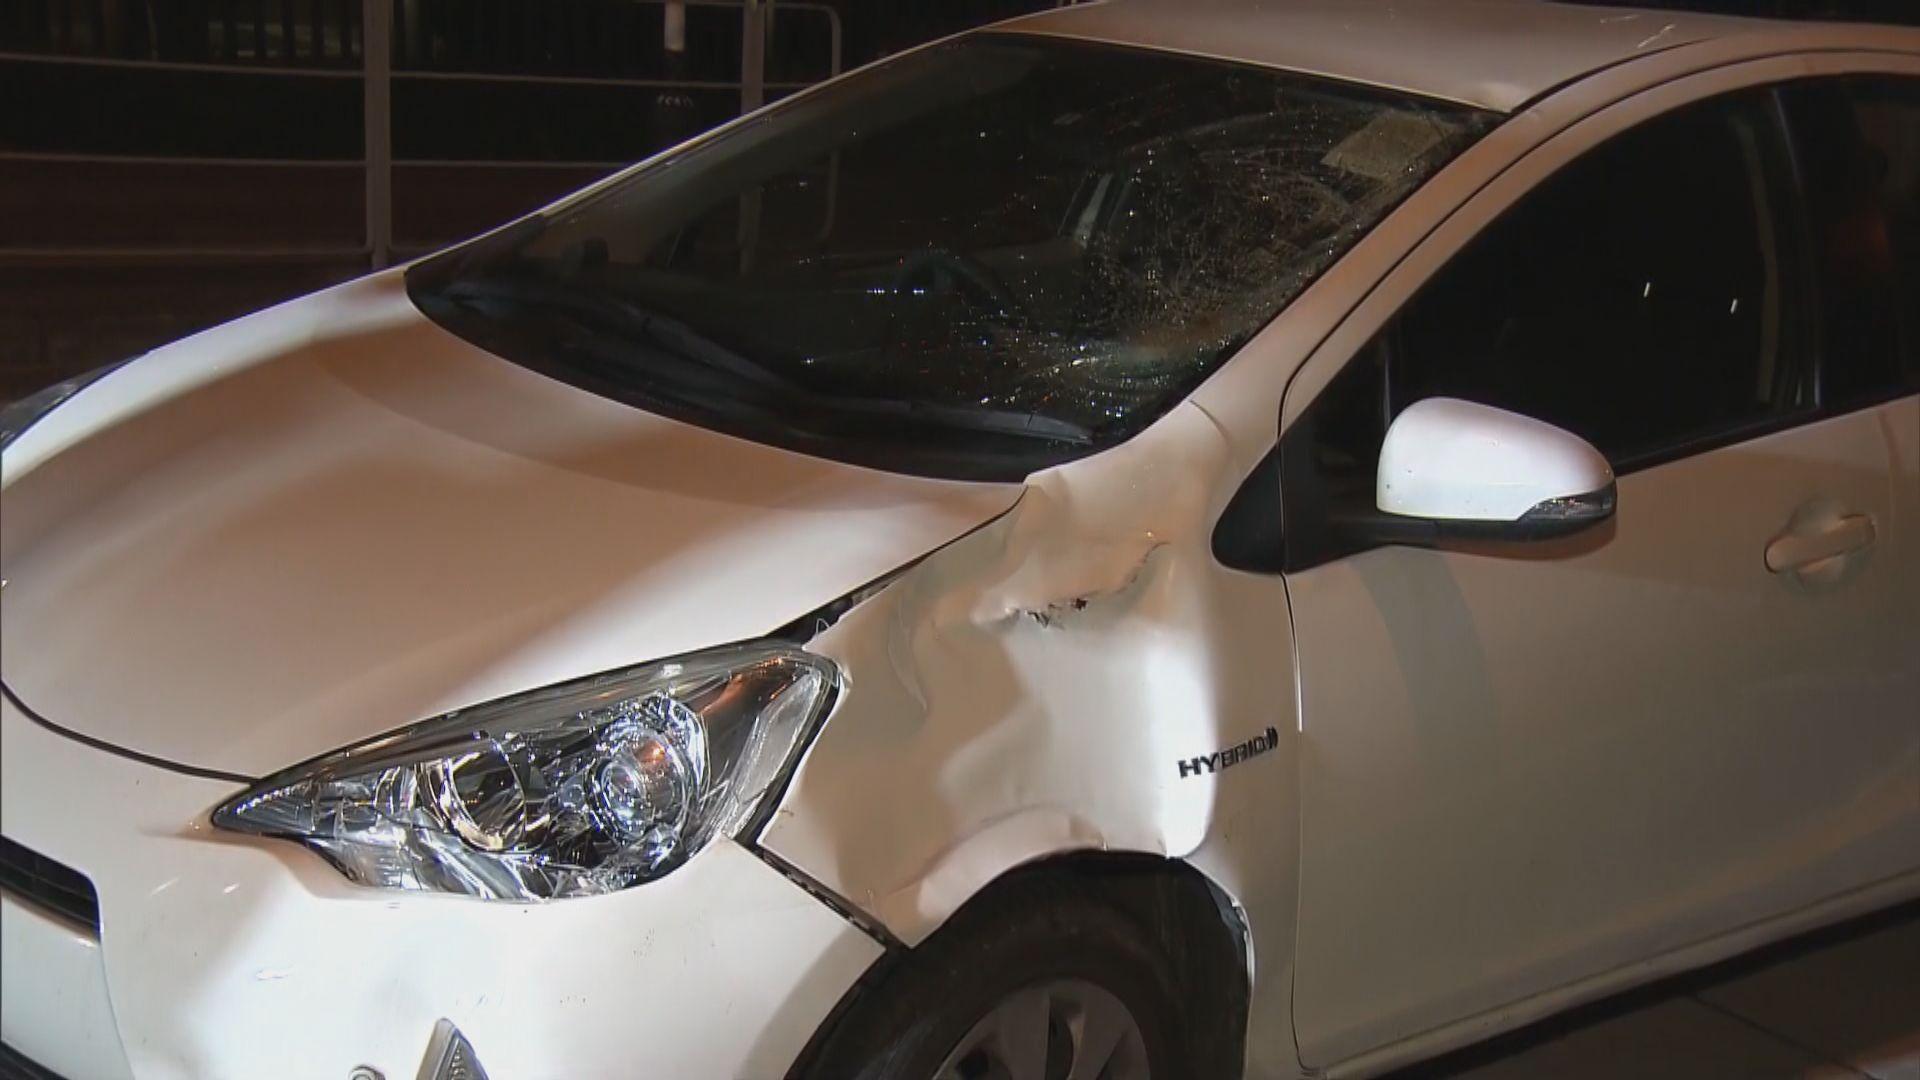 荃灣私家車撞傷過路男子 司機涉危駕被捕